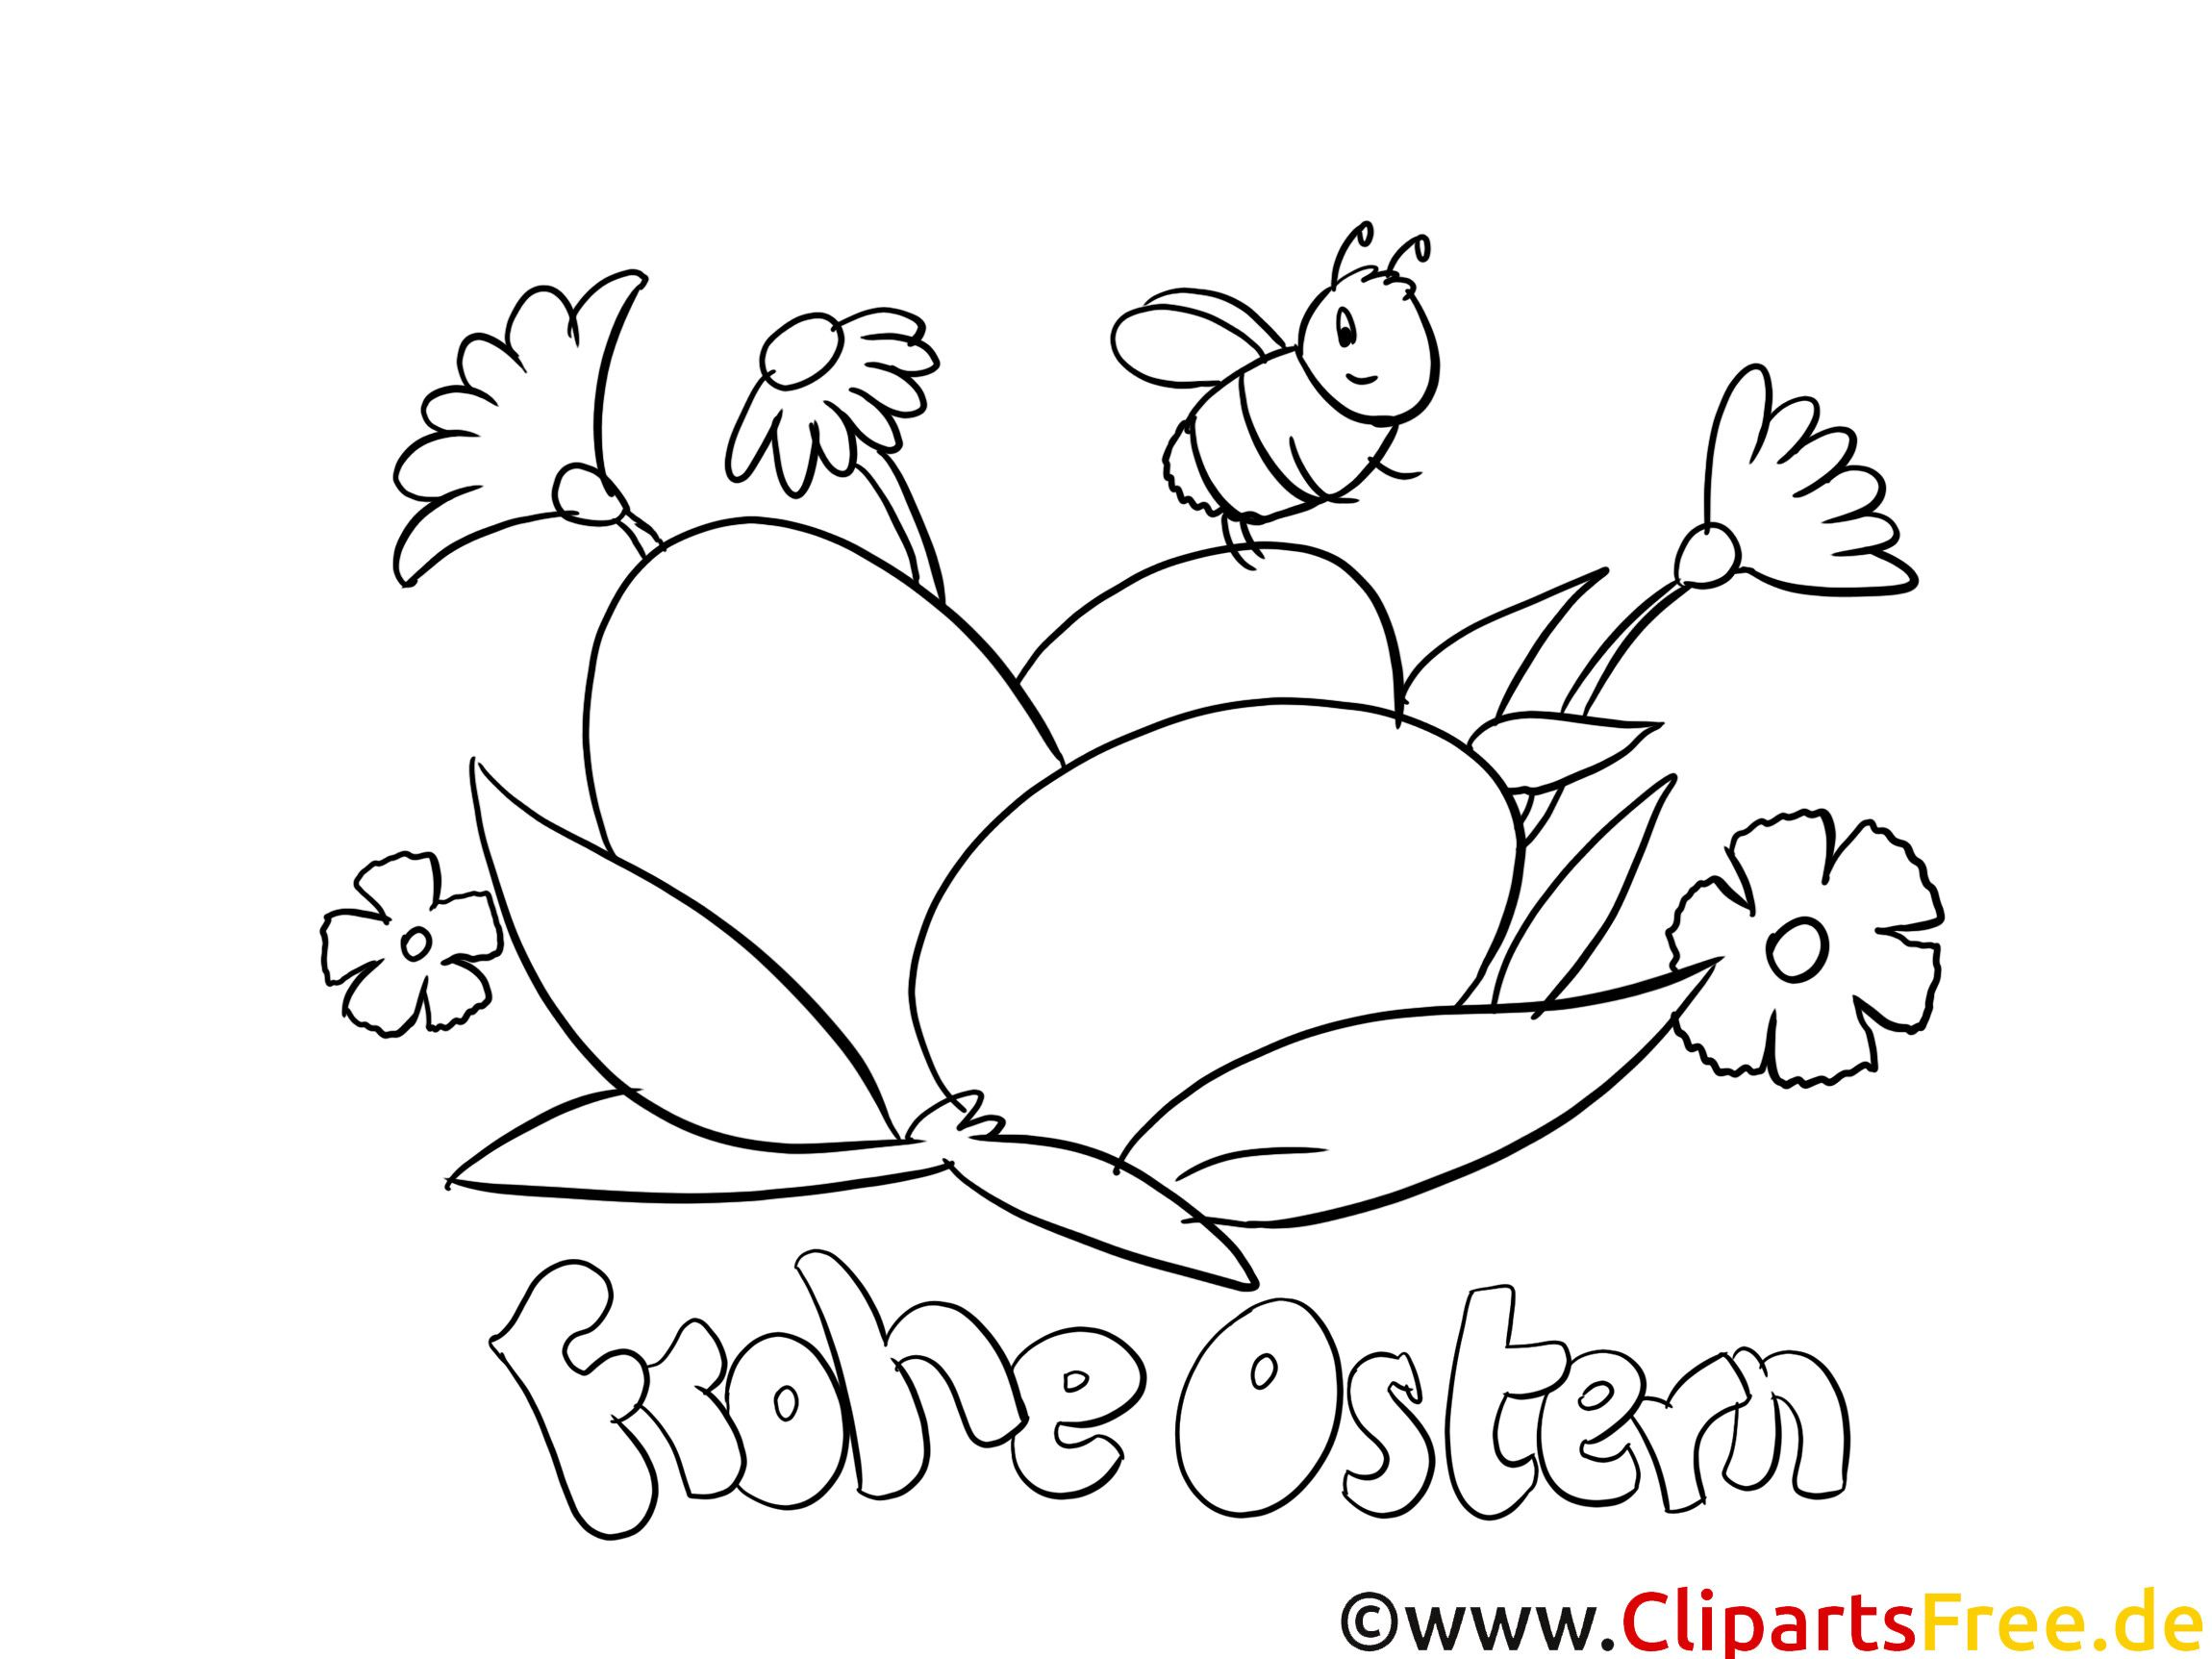 ostereier malvorlagen 6 in 6  Malvorlage hase, Ostereier